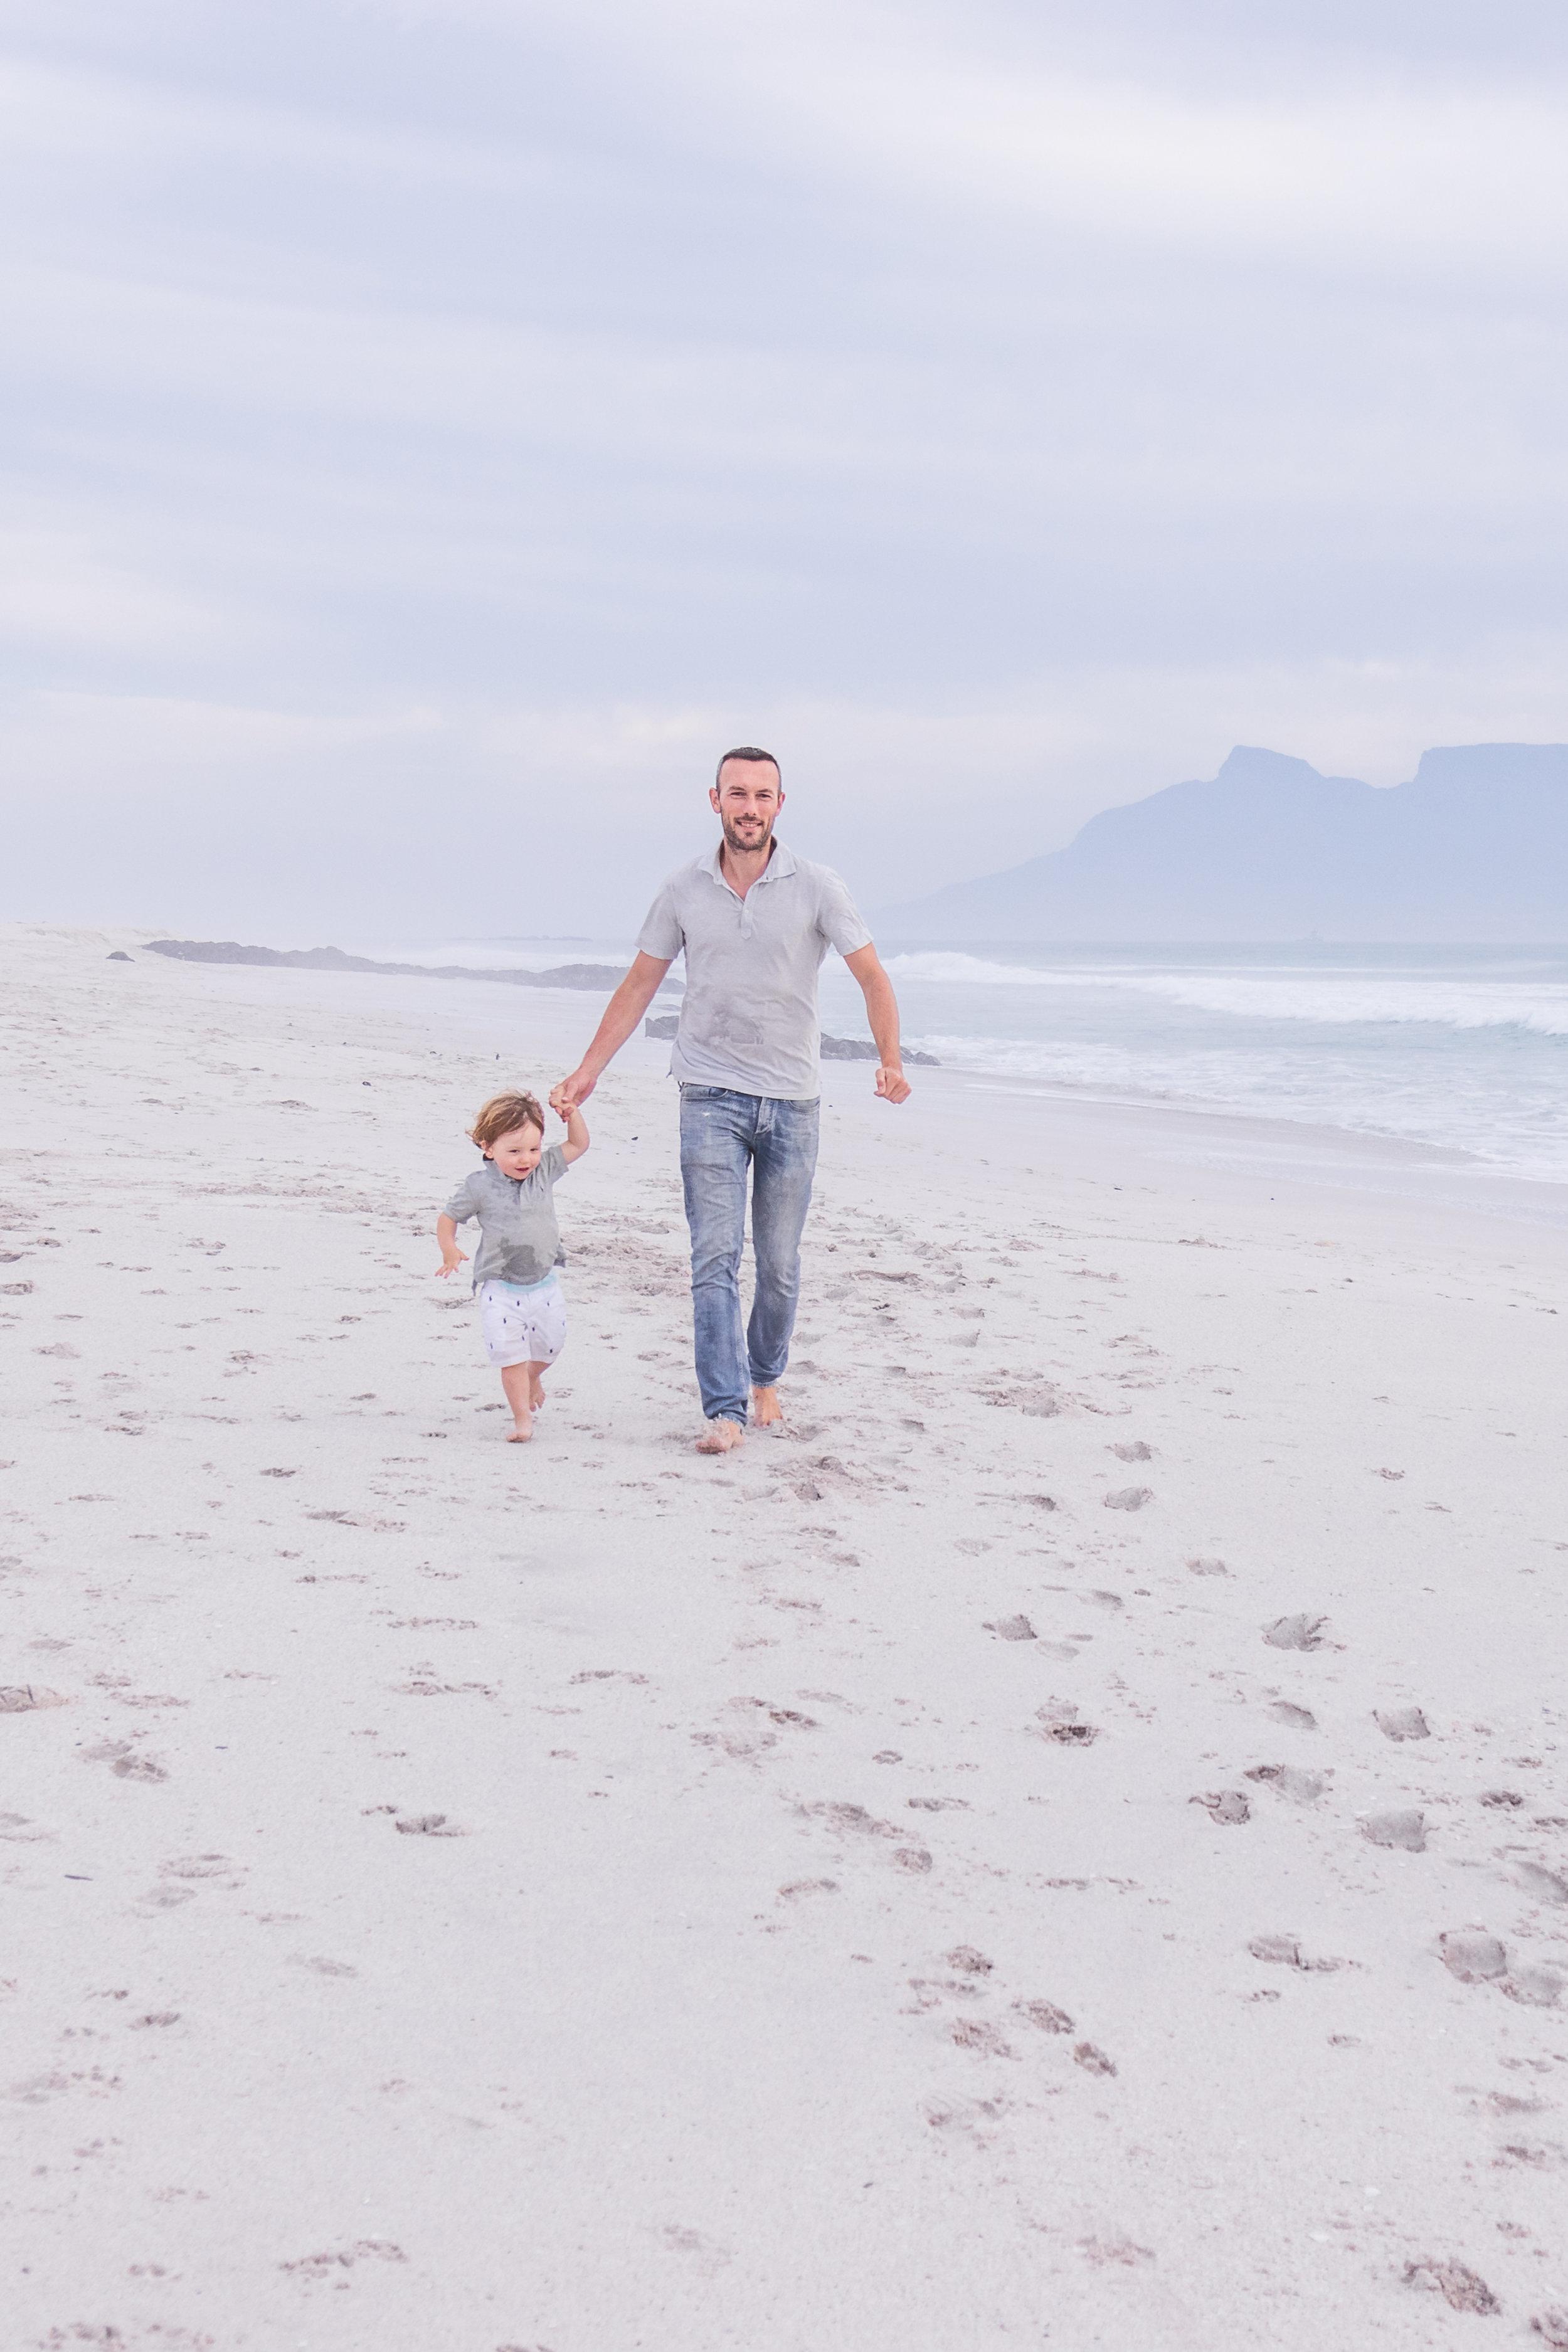 Ken Treloar Photography - Monteban Family Photos - Cape Town 2018 (high-res)-33.jpg